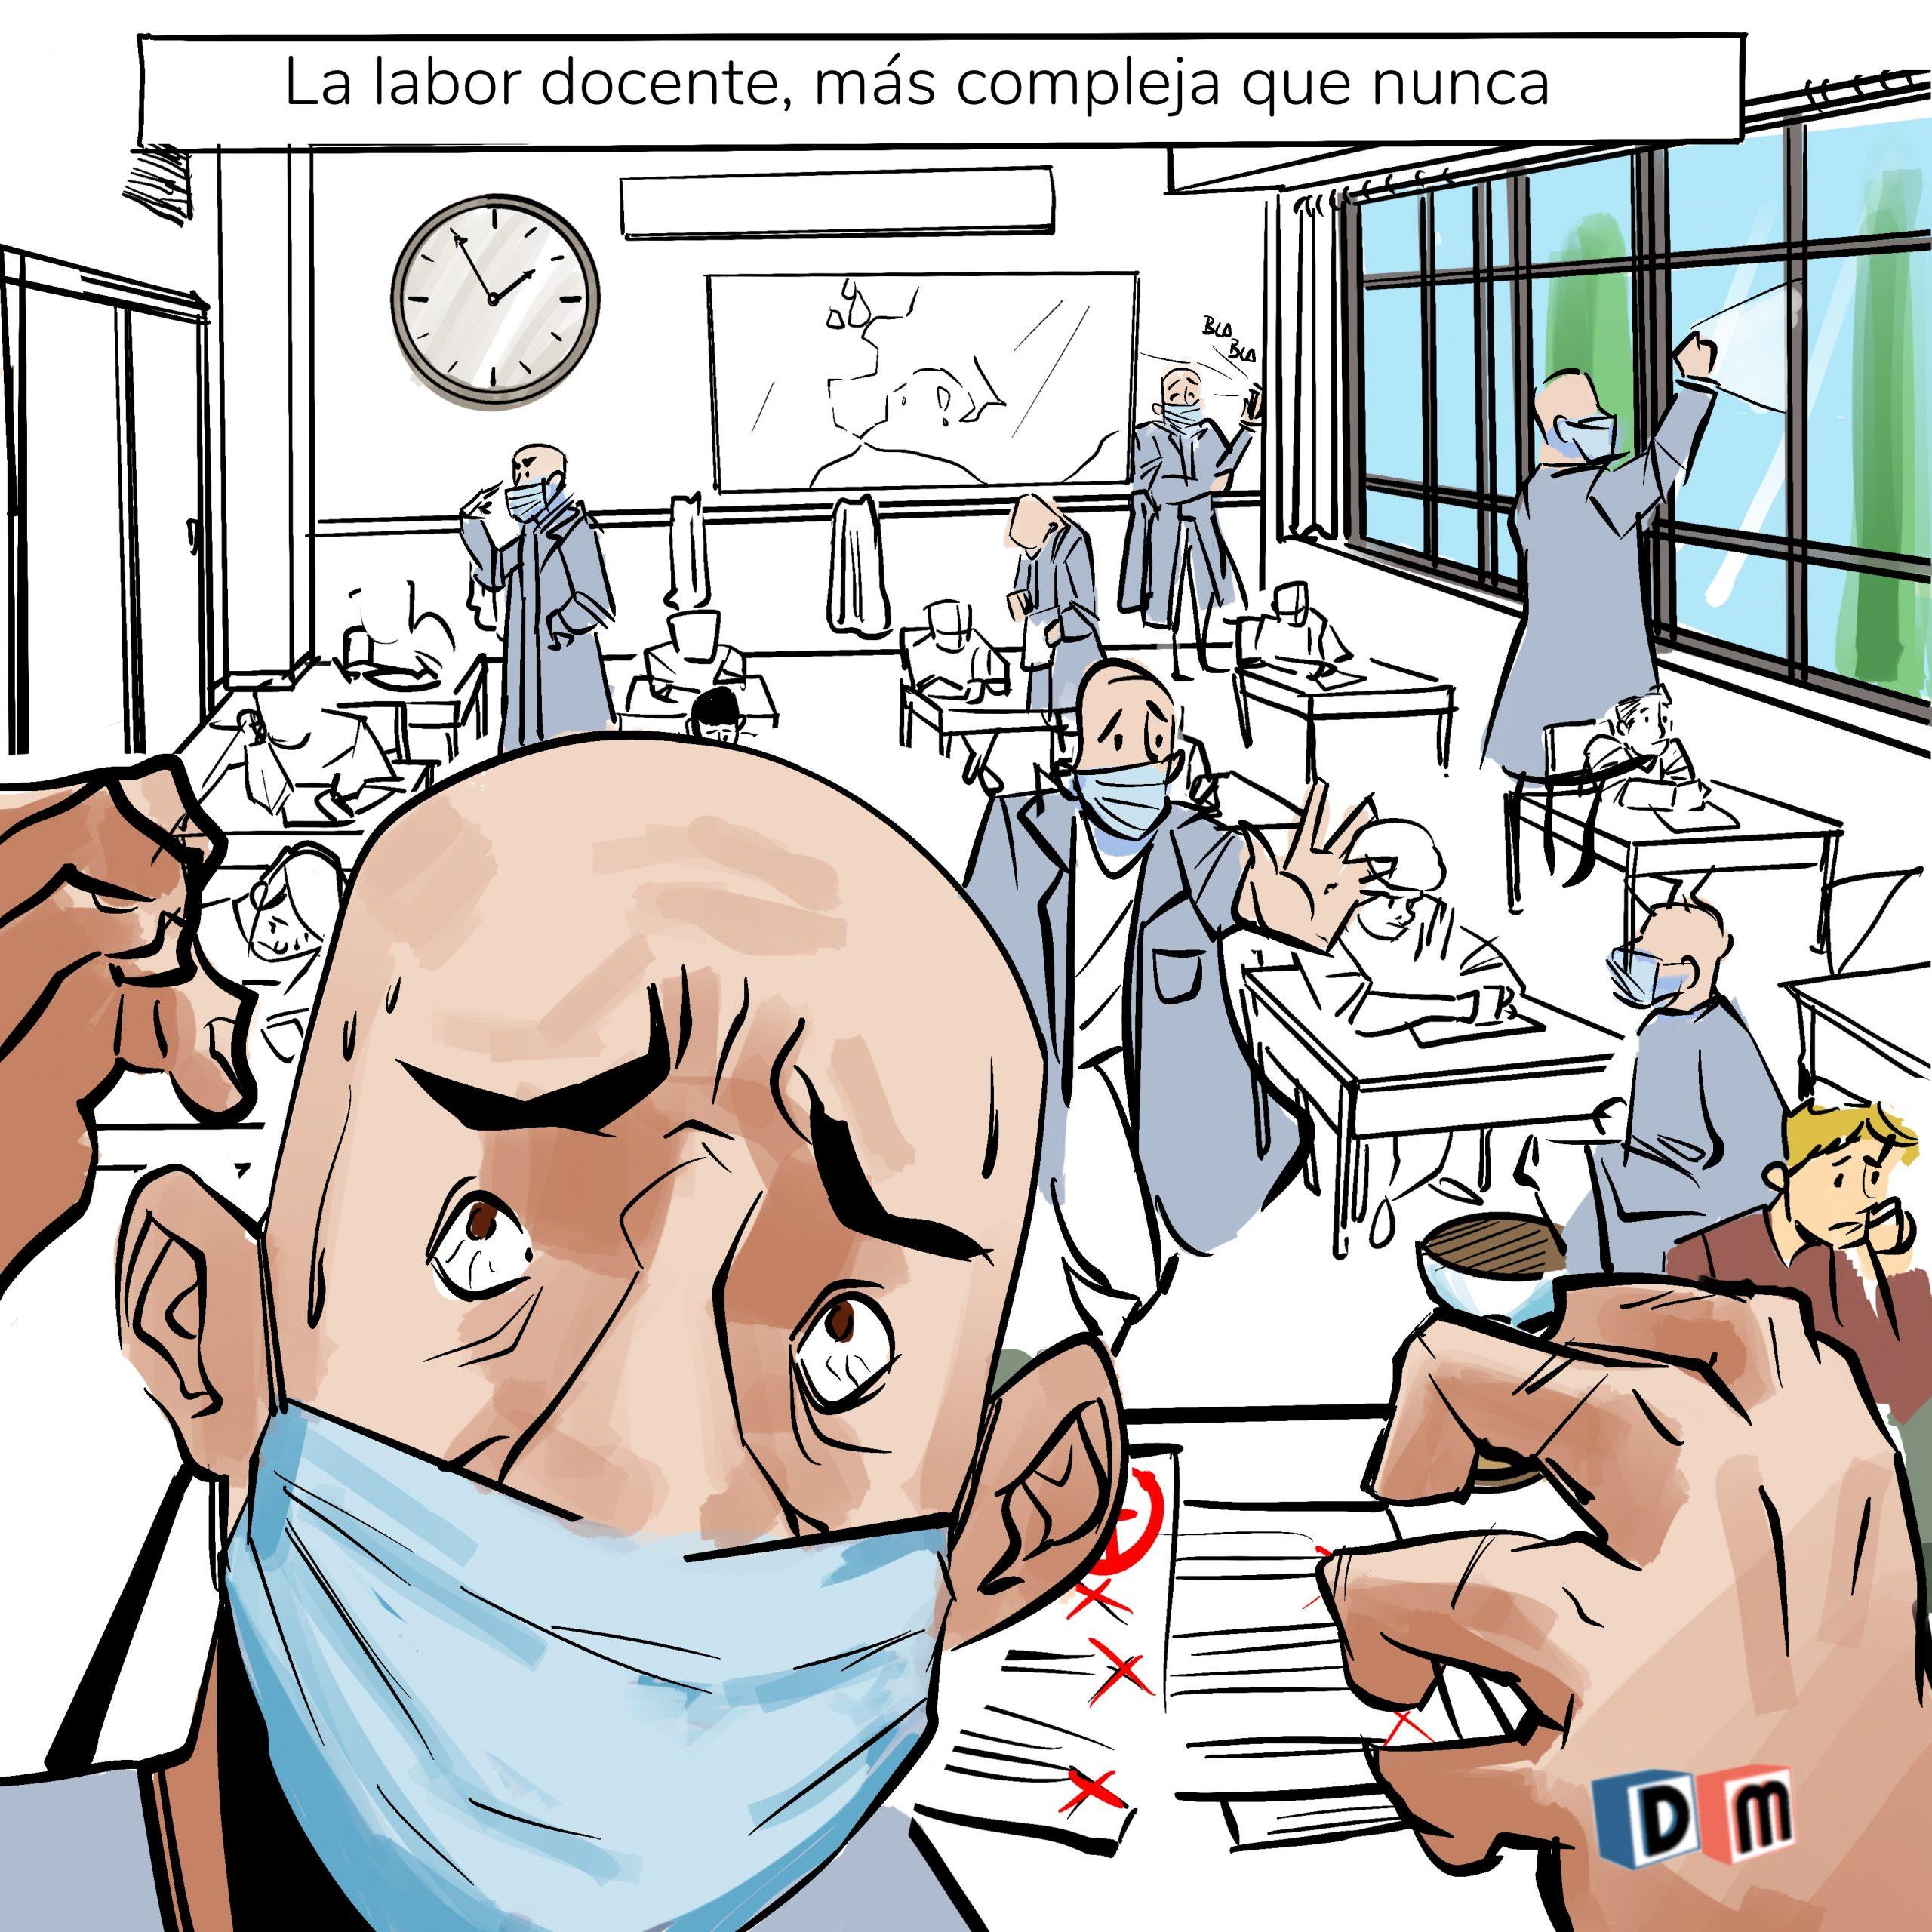 David Mora_Viñeta 26_La labor docente, más compleja que nunca